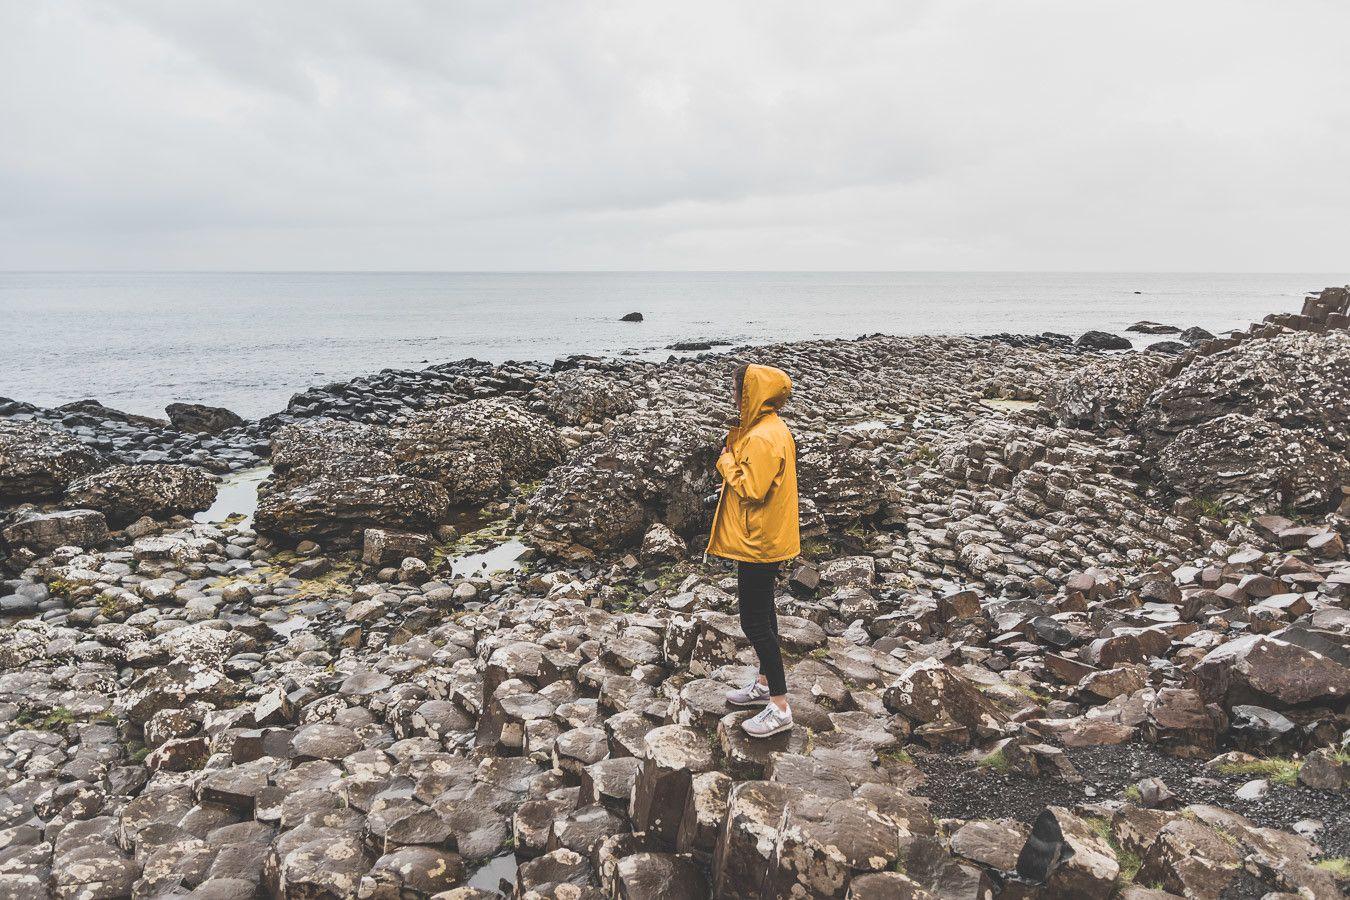 Vous ne connaissez pas encore l'Irlande-du-Nord ? Vous rêvez d'un voyage en Irlande-du-Nord ? Cet article est fait pour vous ! Il vous aidera à préparer votre road trip dans des lieux incroyables comme la Chaussée des Géants ou le pont Carrick-a-Rede. Vous découvrirez des lieux de tournage de Game of Thrones. Road t